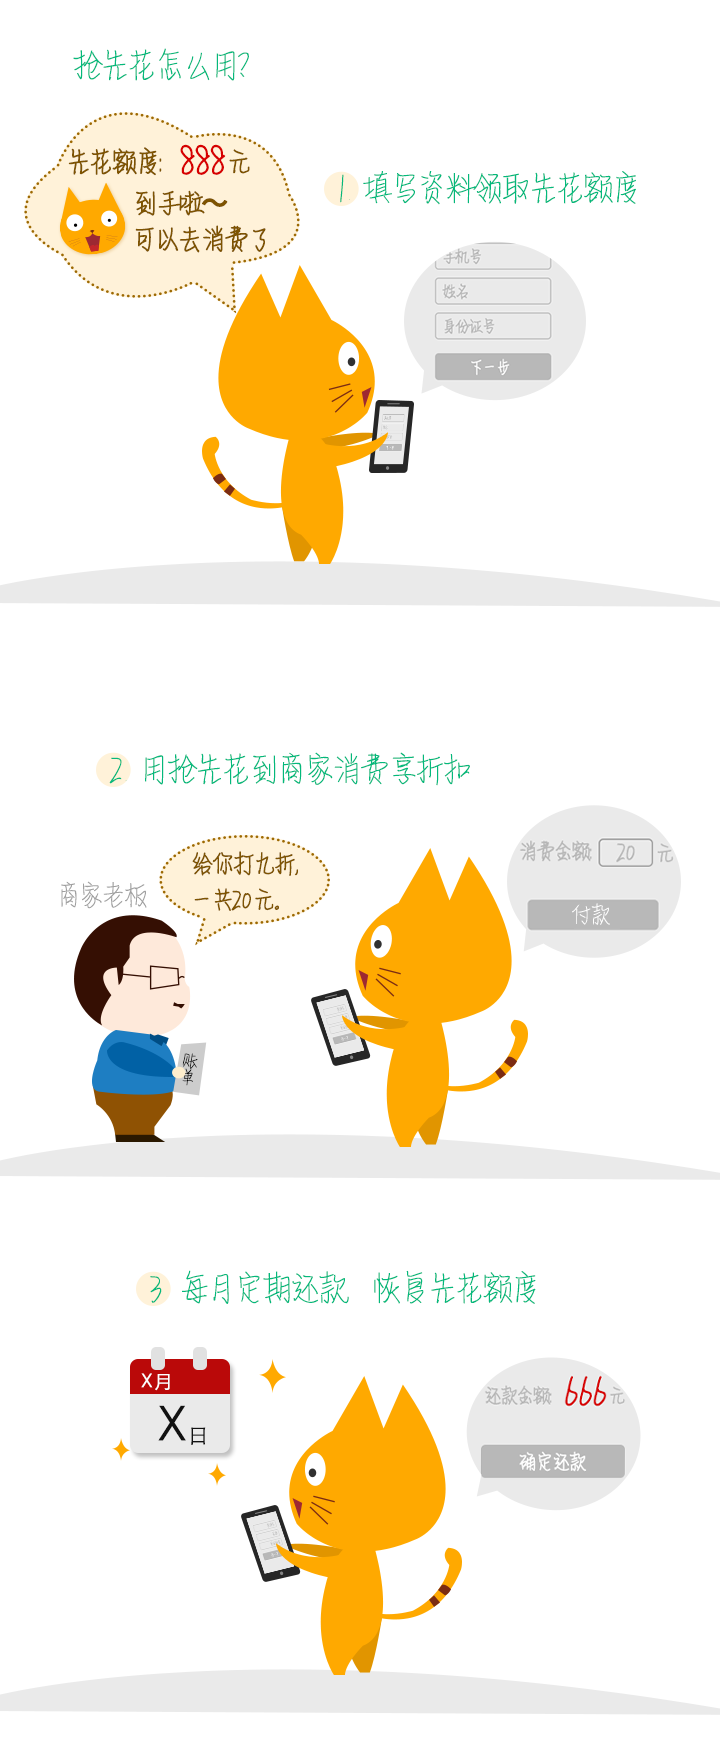 手机app活动-banner 介绍使用流程的手绘图